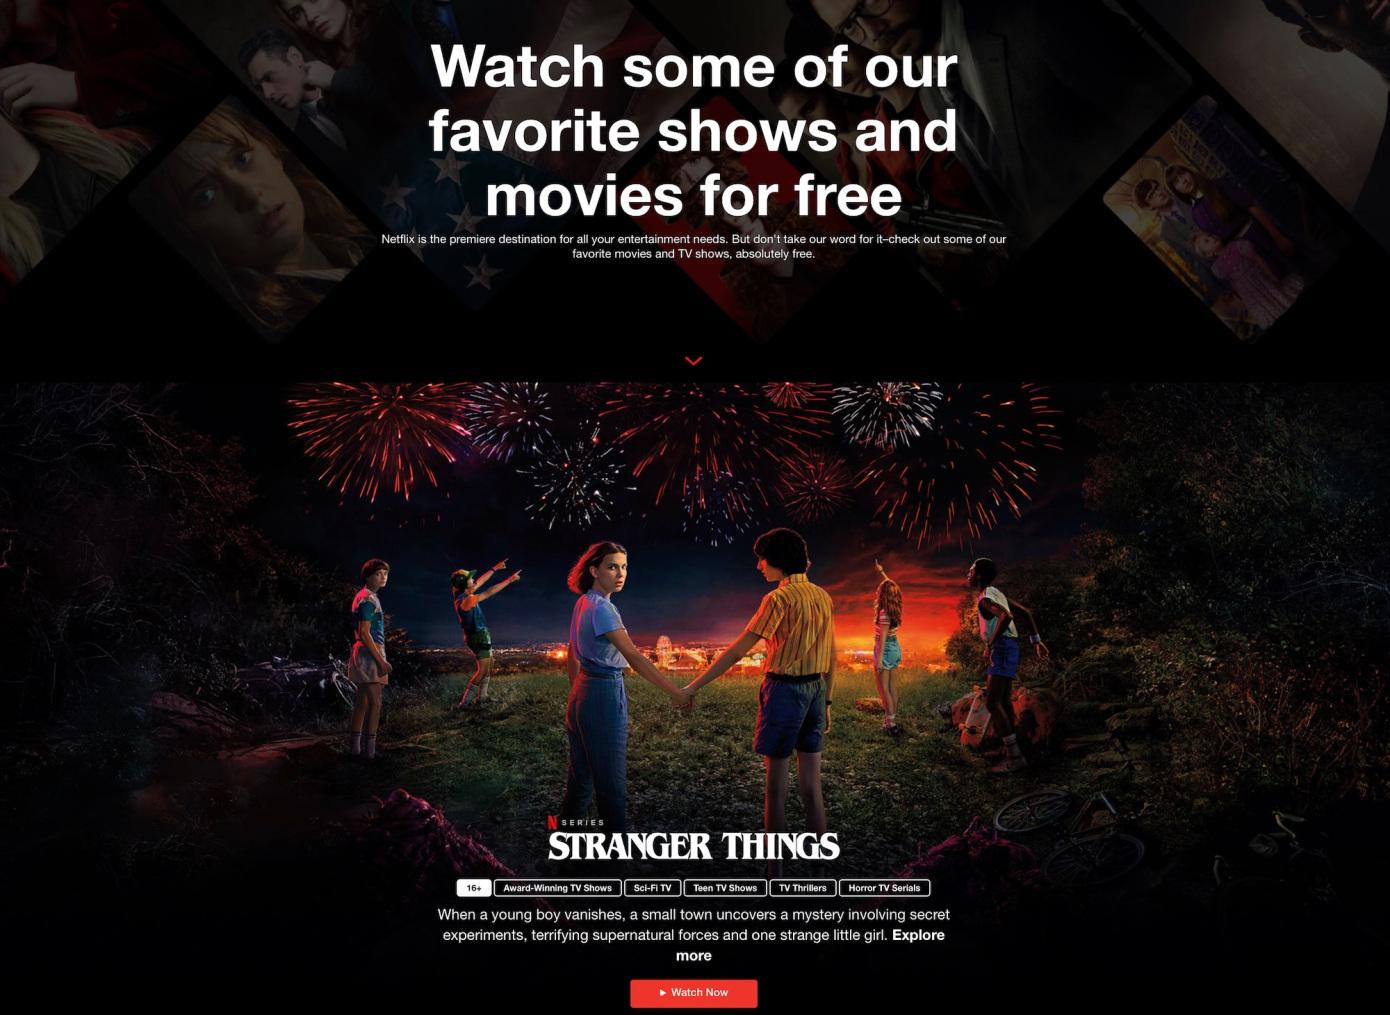 Netflix تتيح خدمة مجانية لأول مرة.. شاهد اشهر الافلام والمسلسلات مجانا